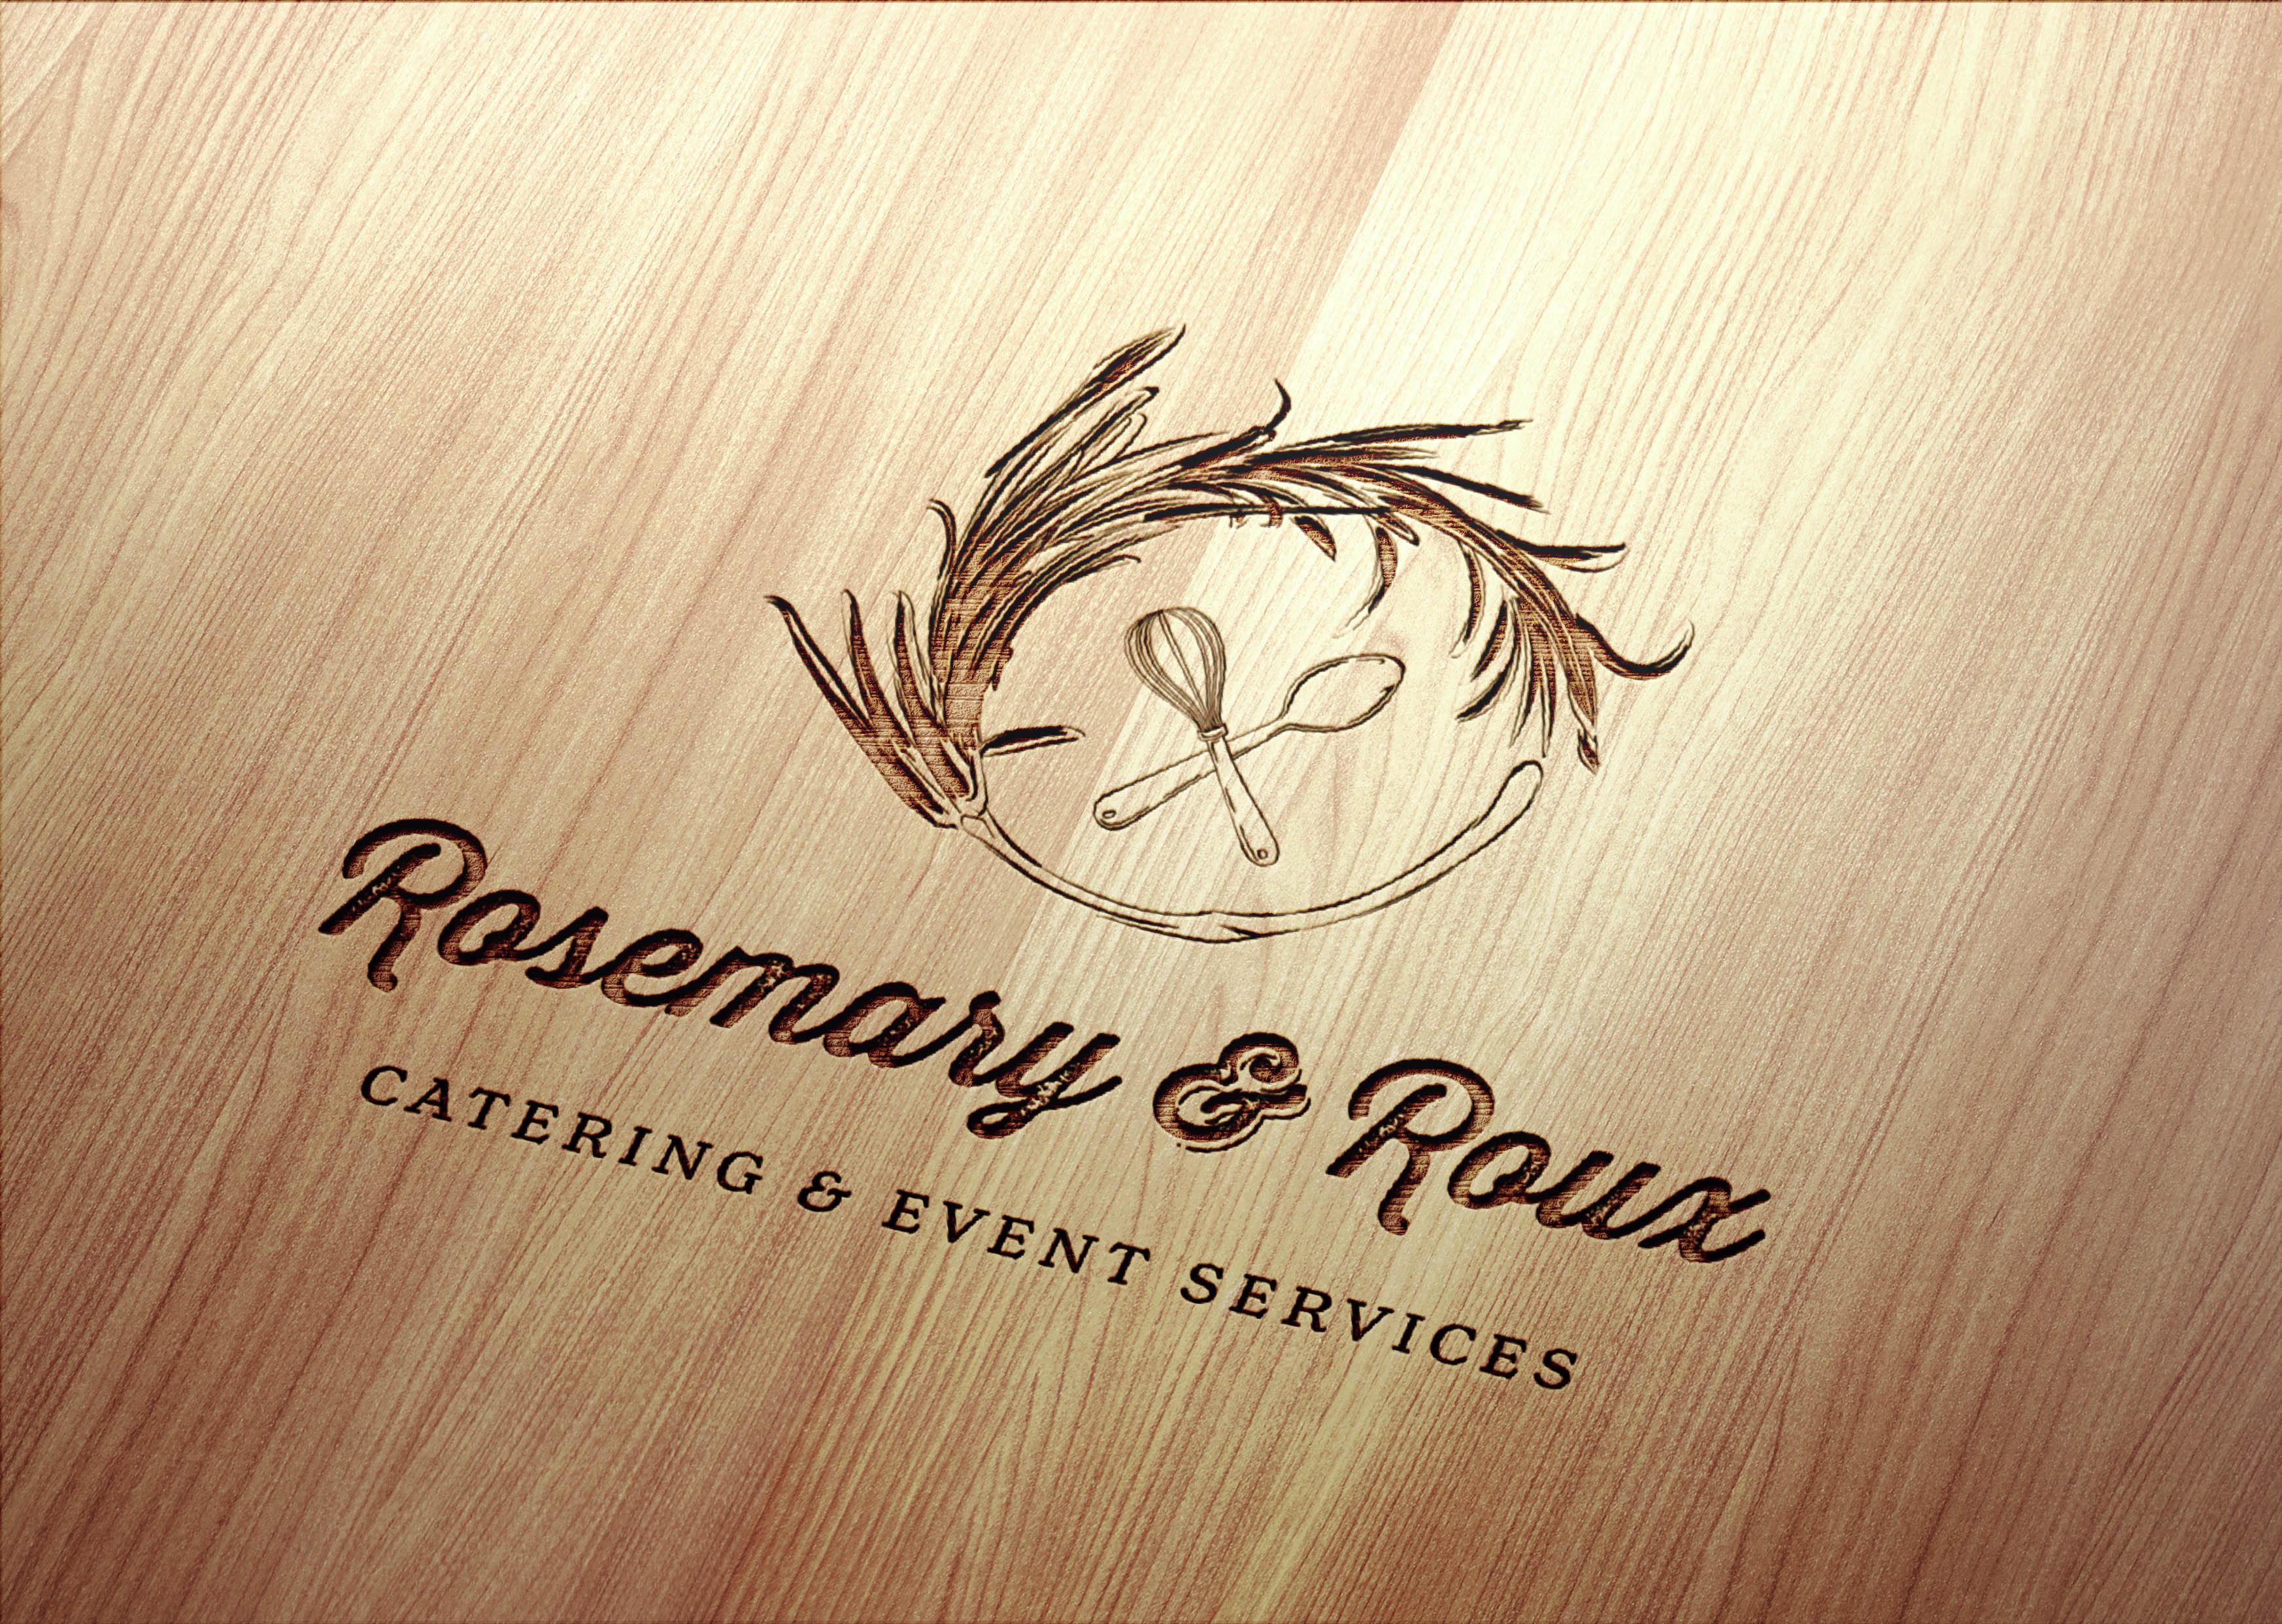 Rosemary & Roux